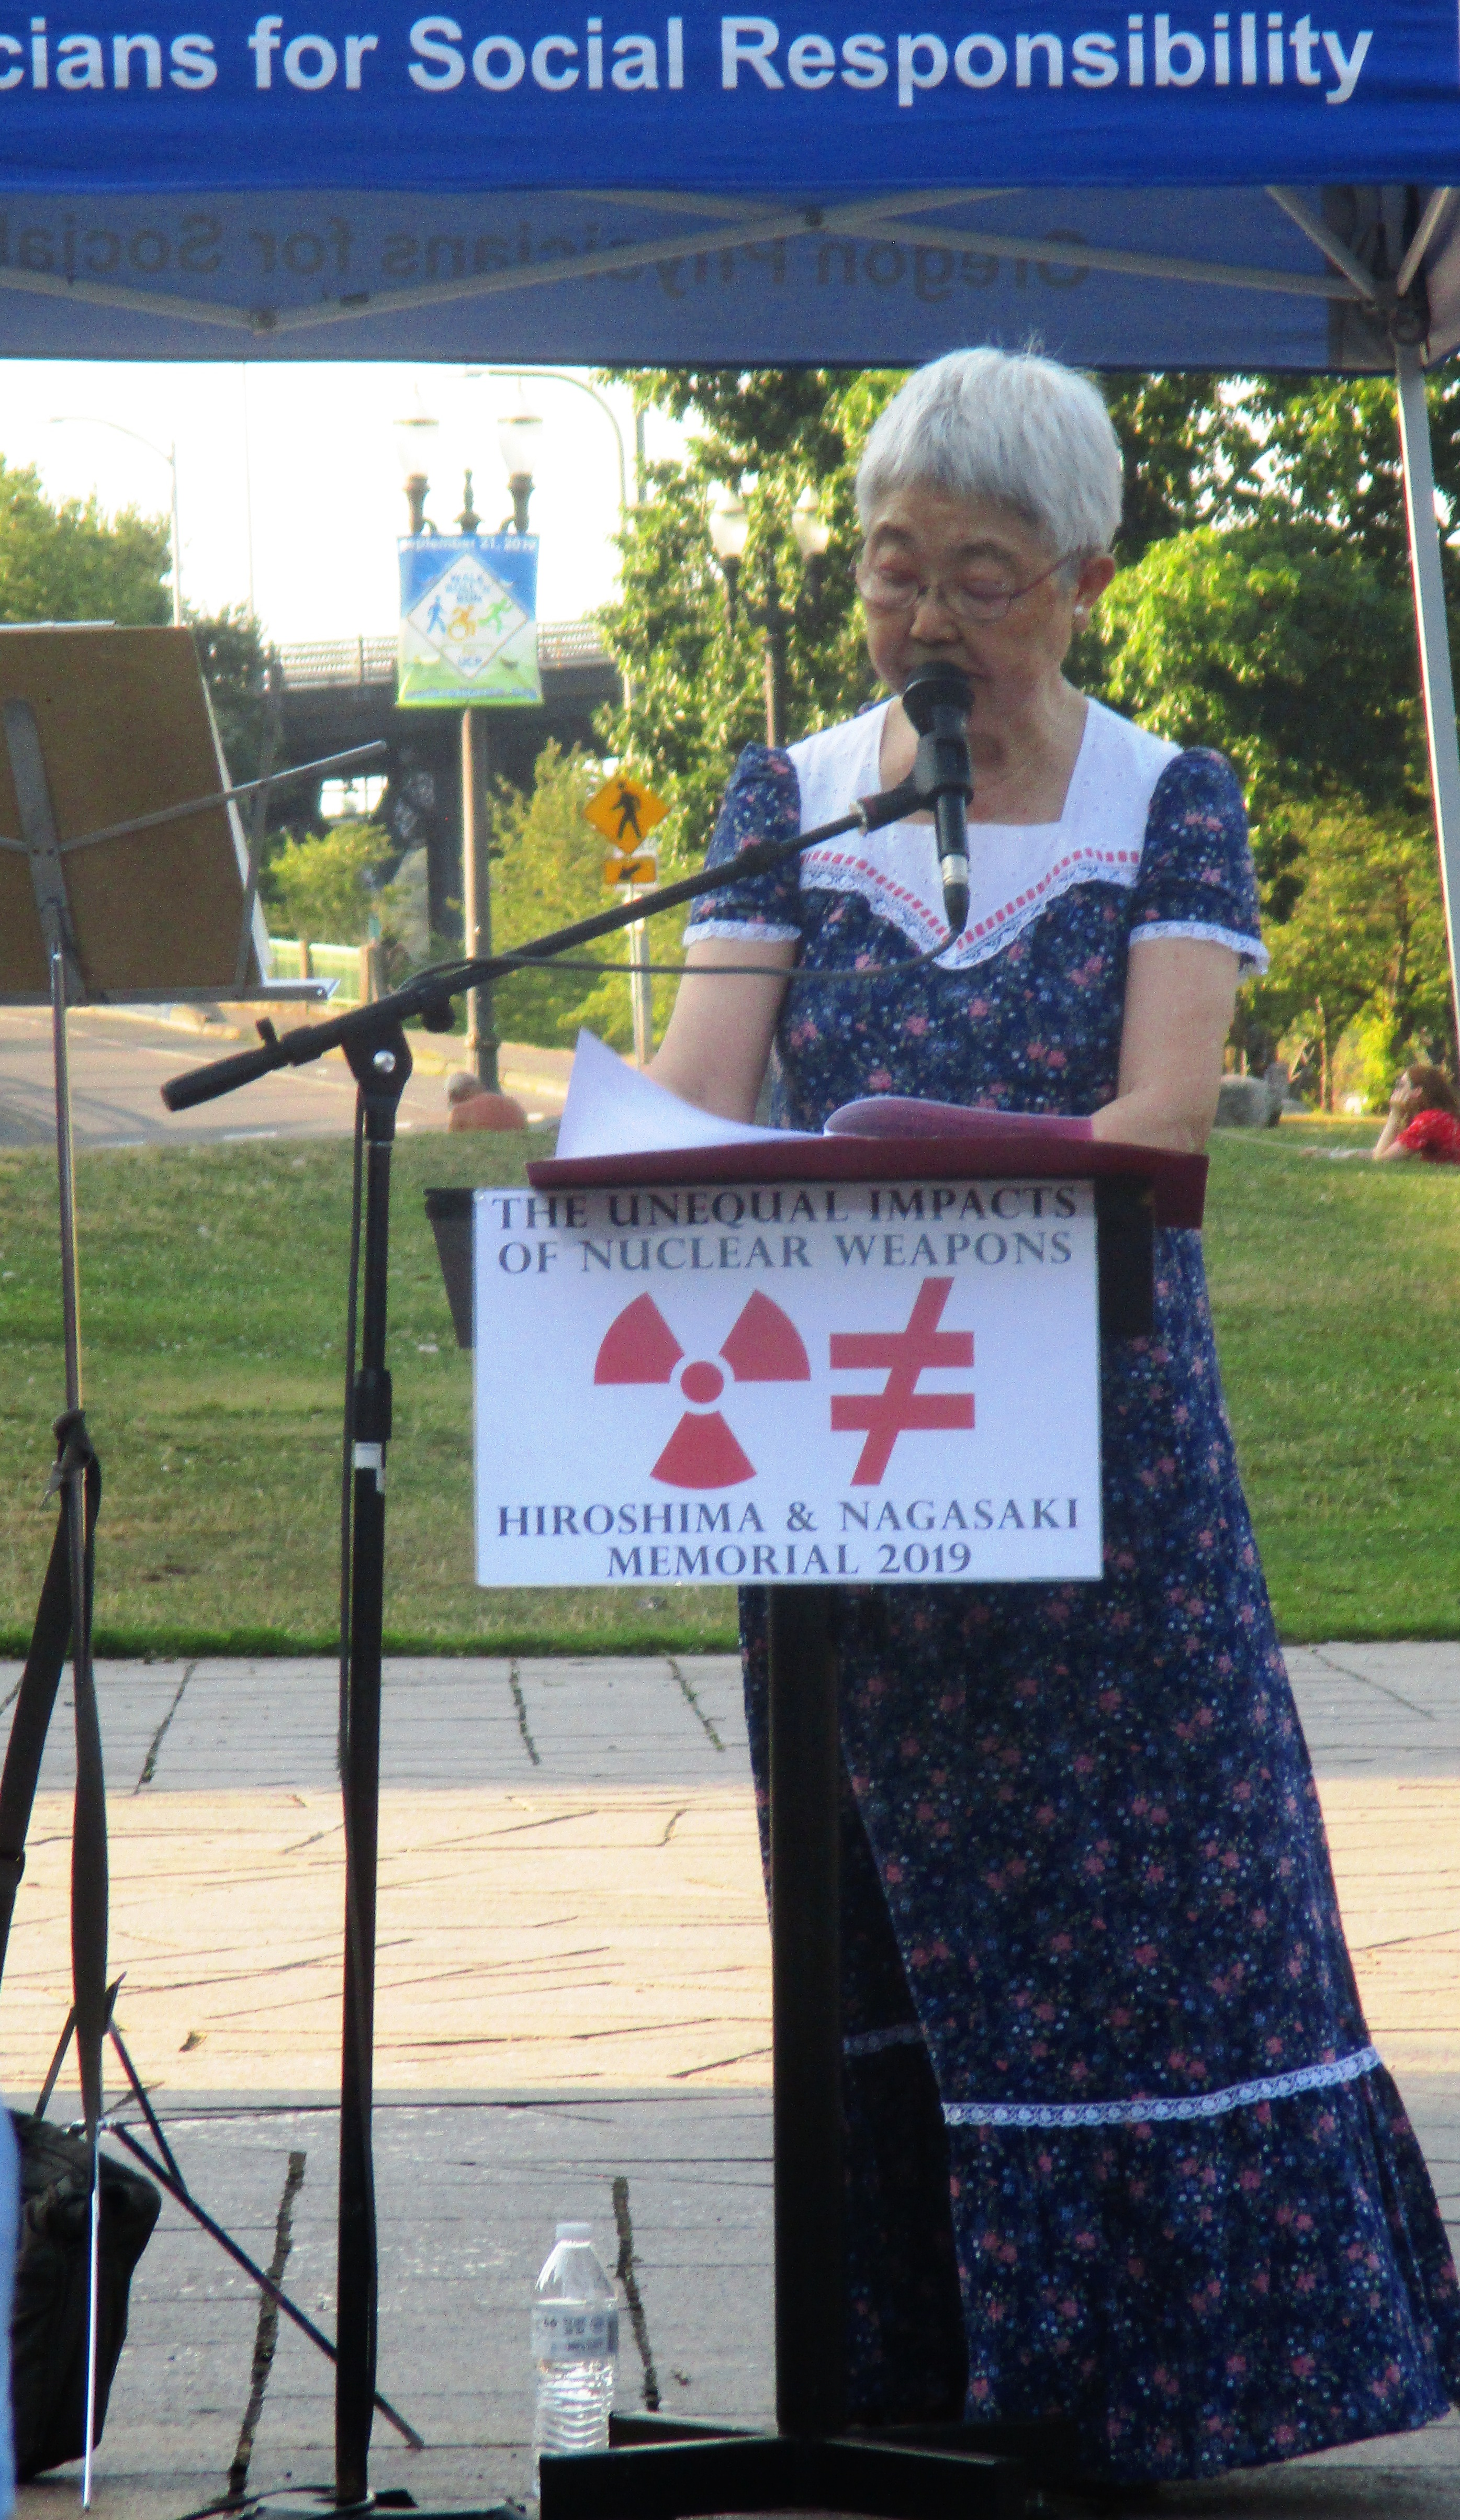 Michiko_Kornhauser_at_podium.jpg